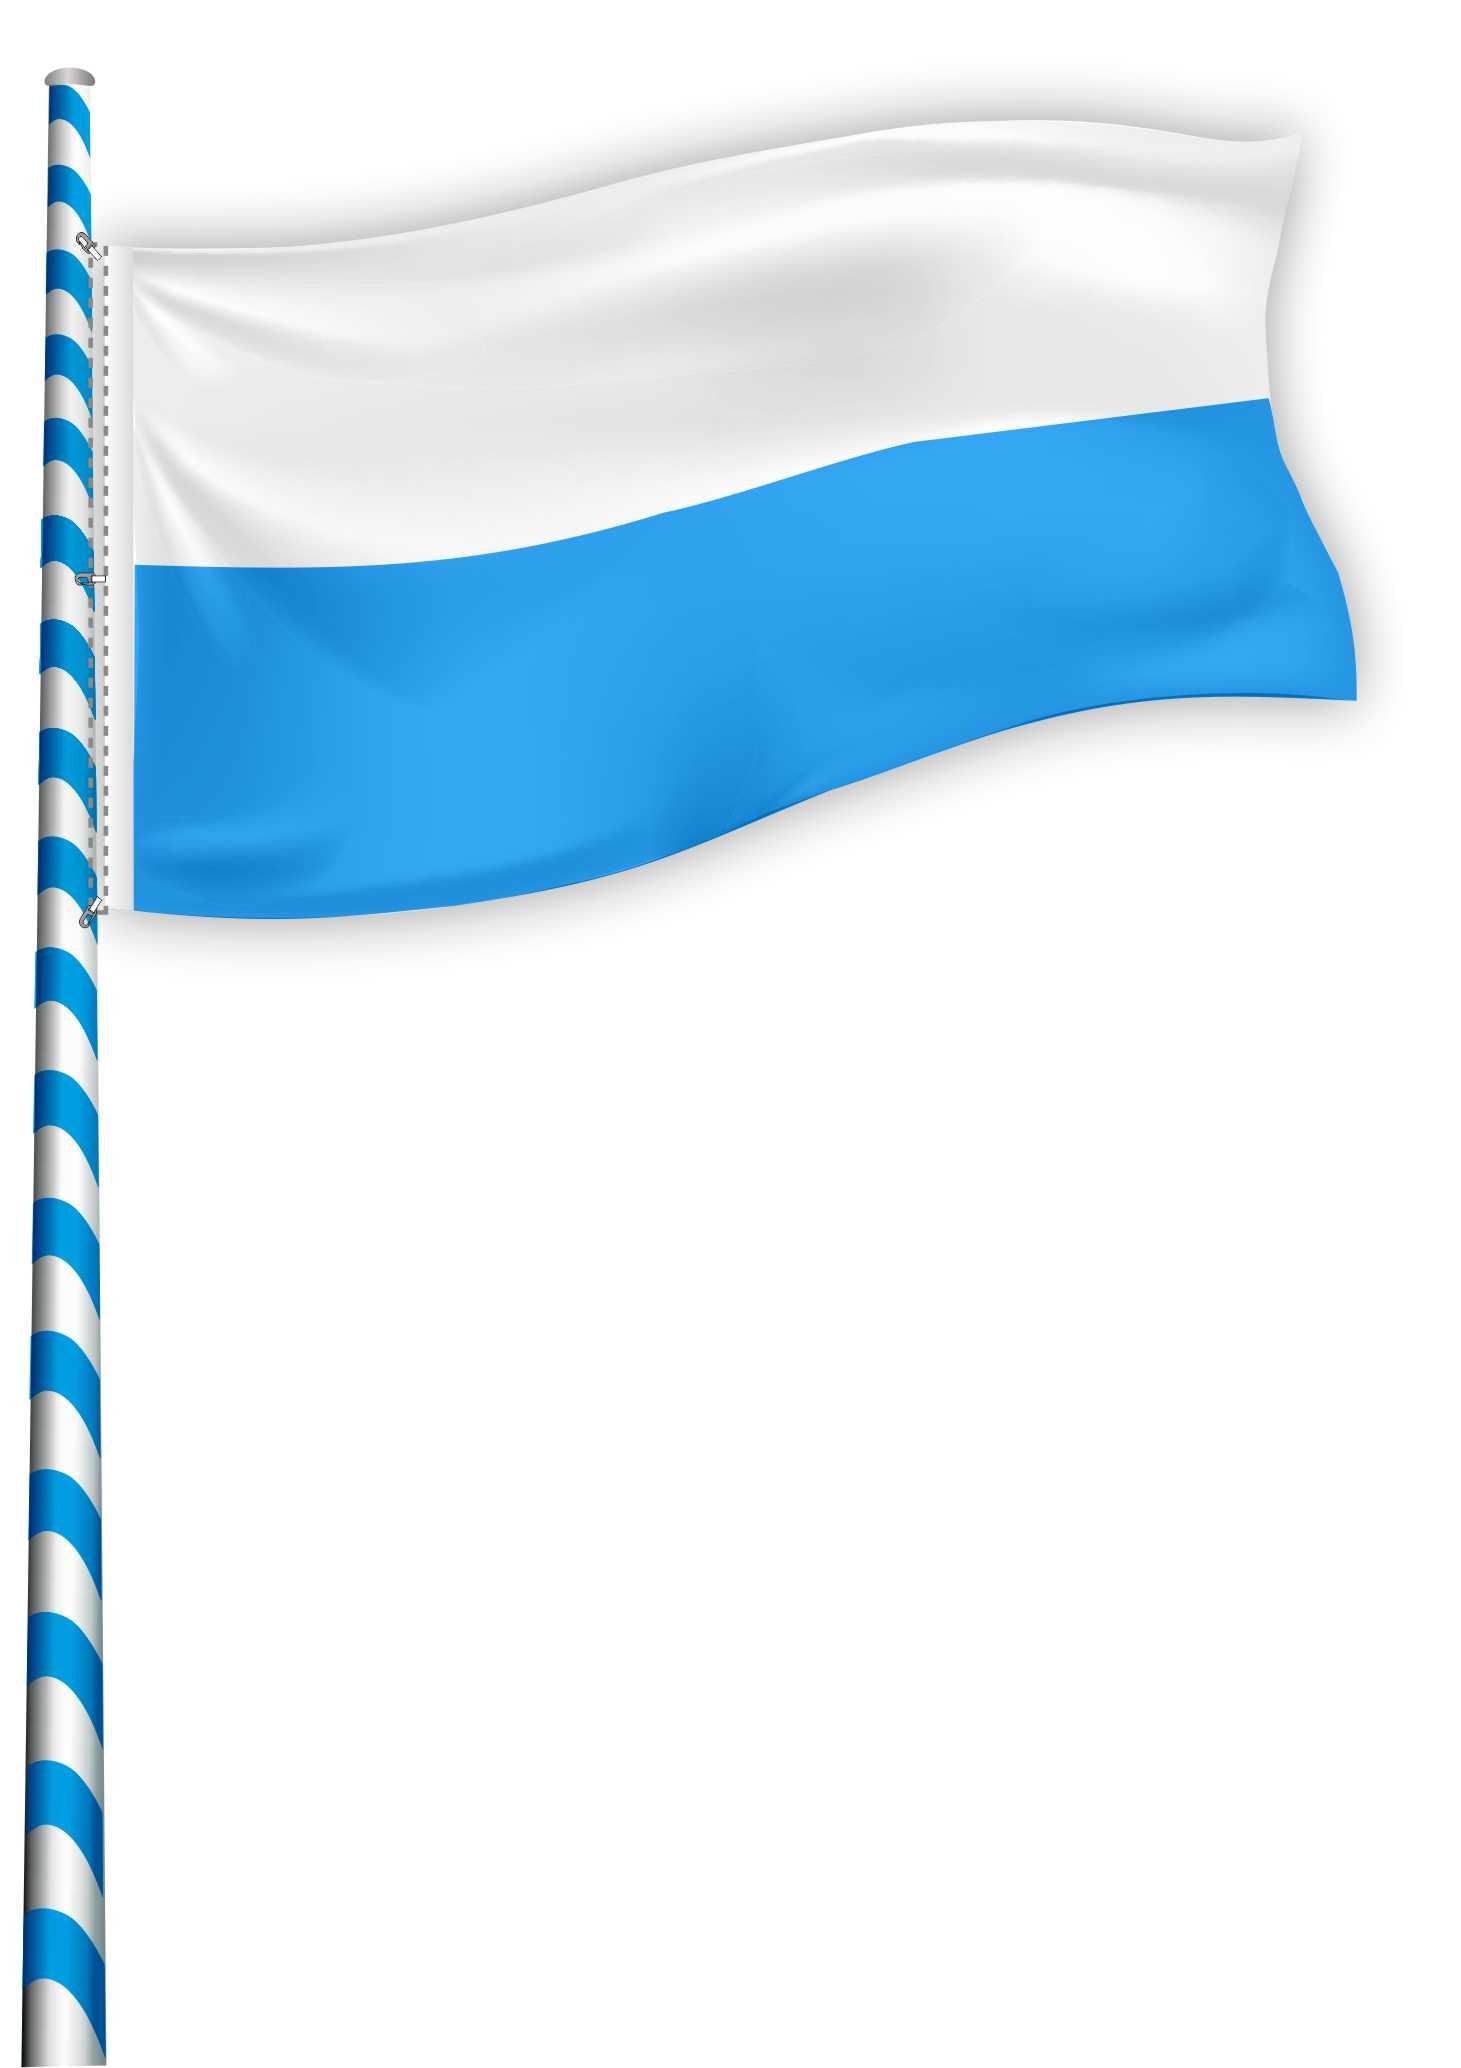 02 Flagge für Maibaum - Maibaumflagge EXTRA mit Metallkarabinerhaken